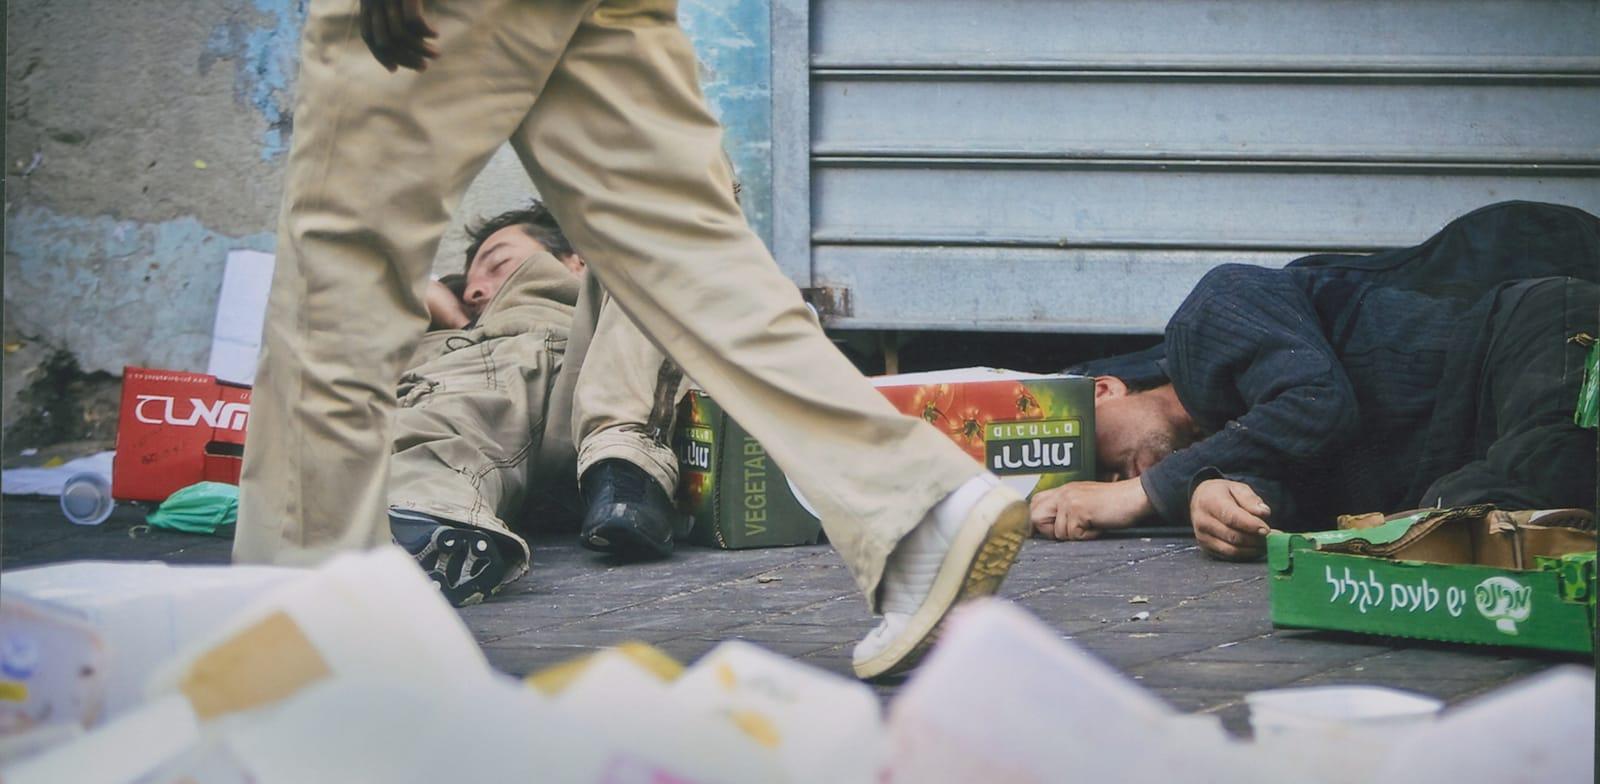 הומלס ישן ברחוב / צילום: דימה וזינוביץ